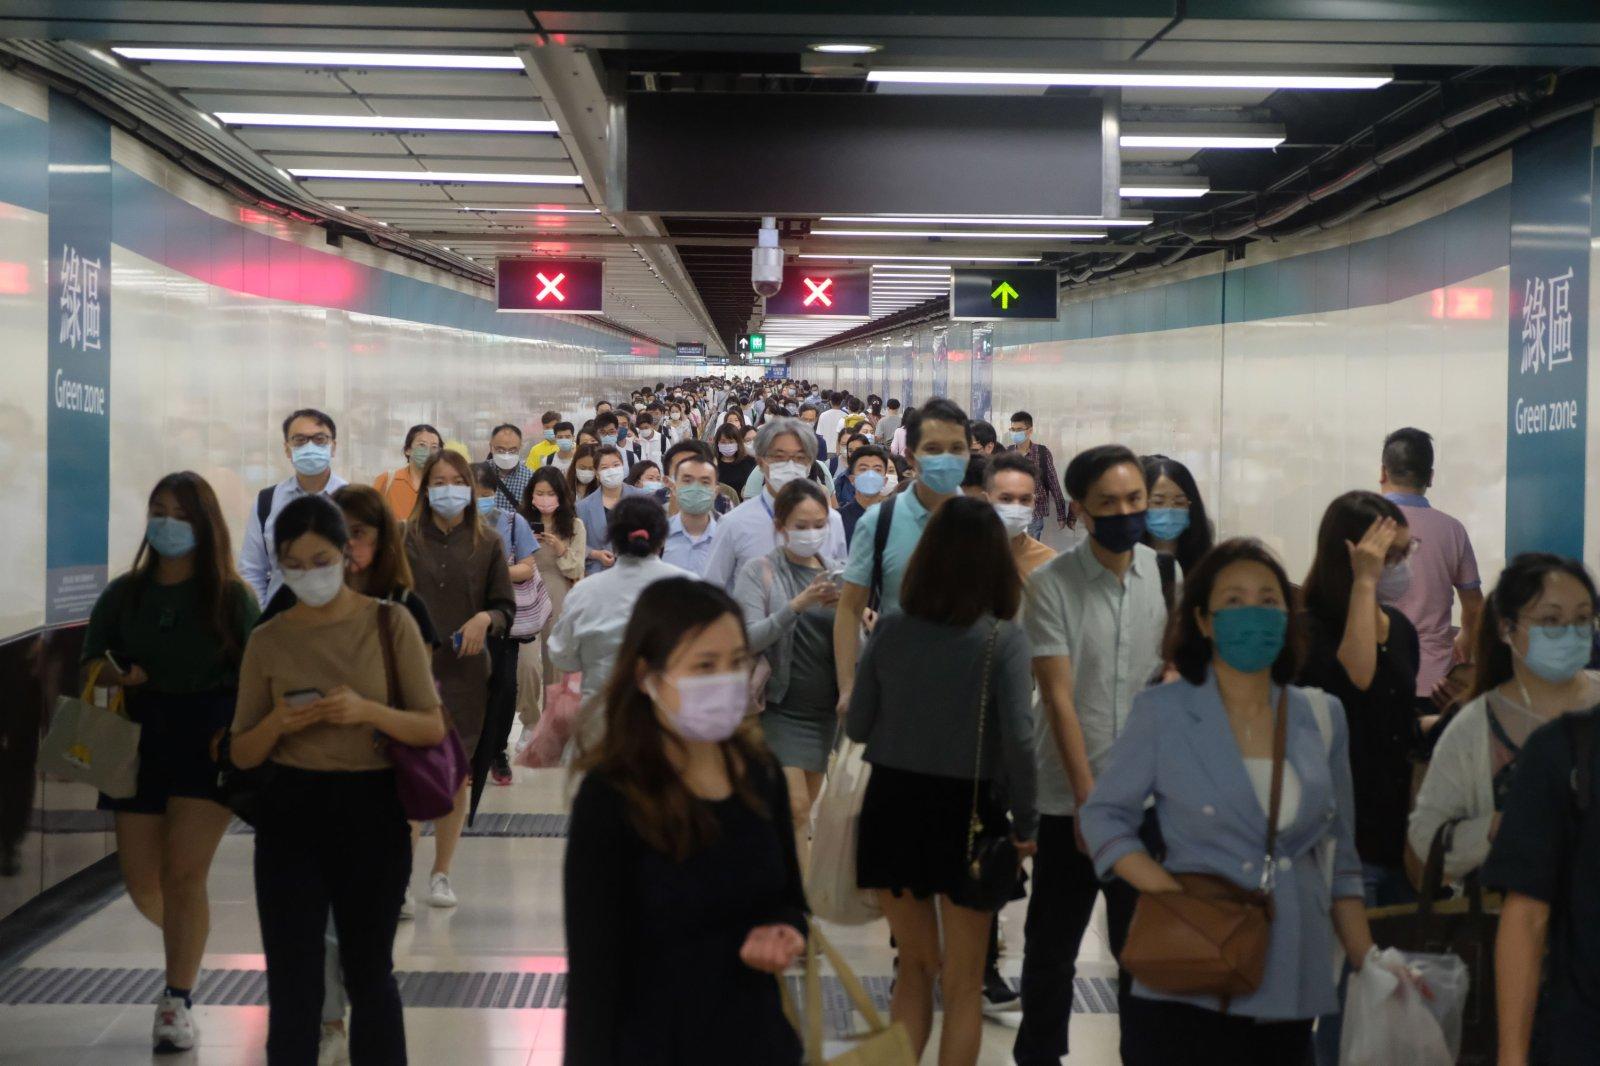 往來港鐵尖沙咀站和尖東站的行人隧道人流密集。(大公文匯全媒體記者 麥鈞傑 攝)